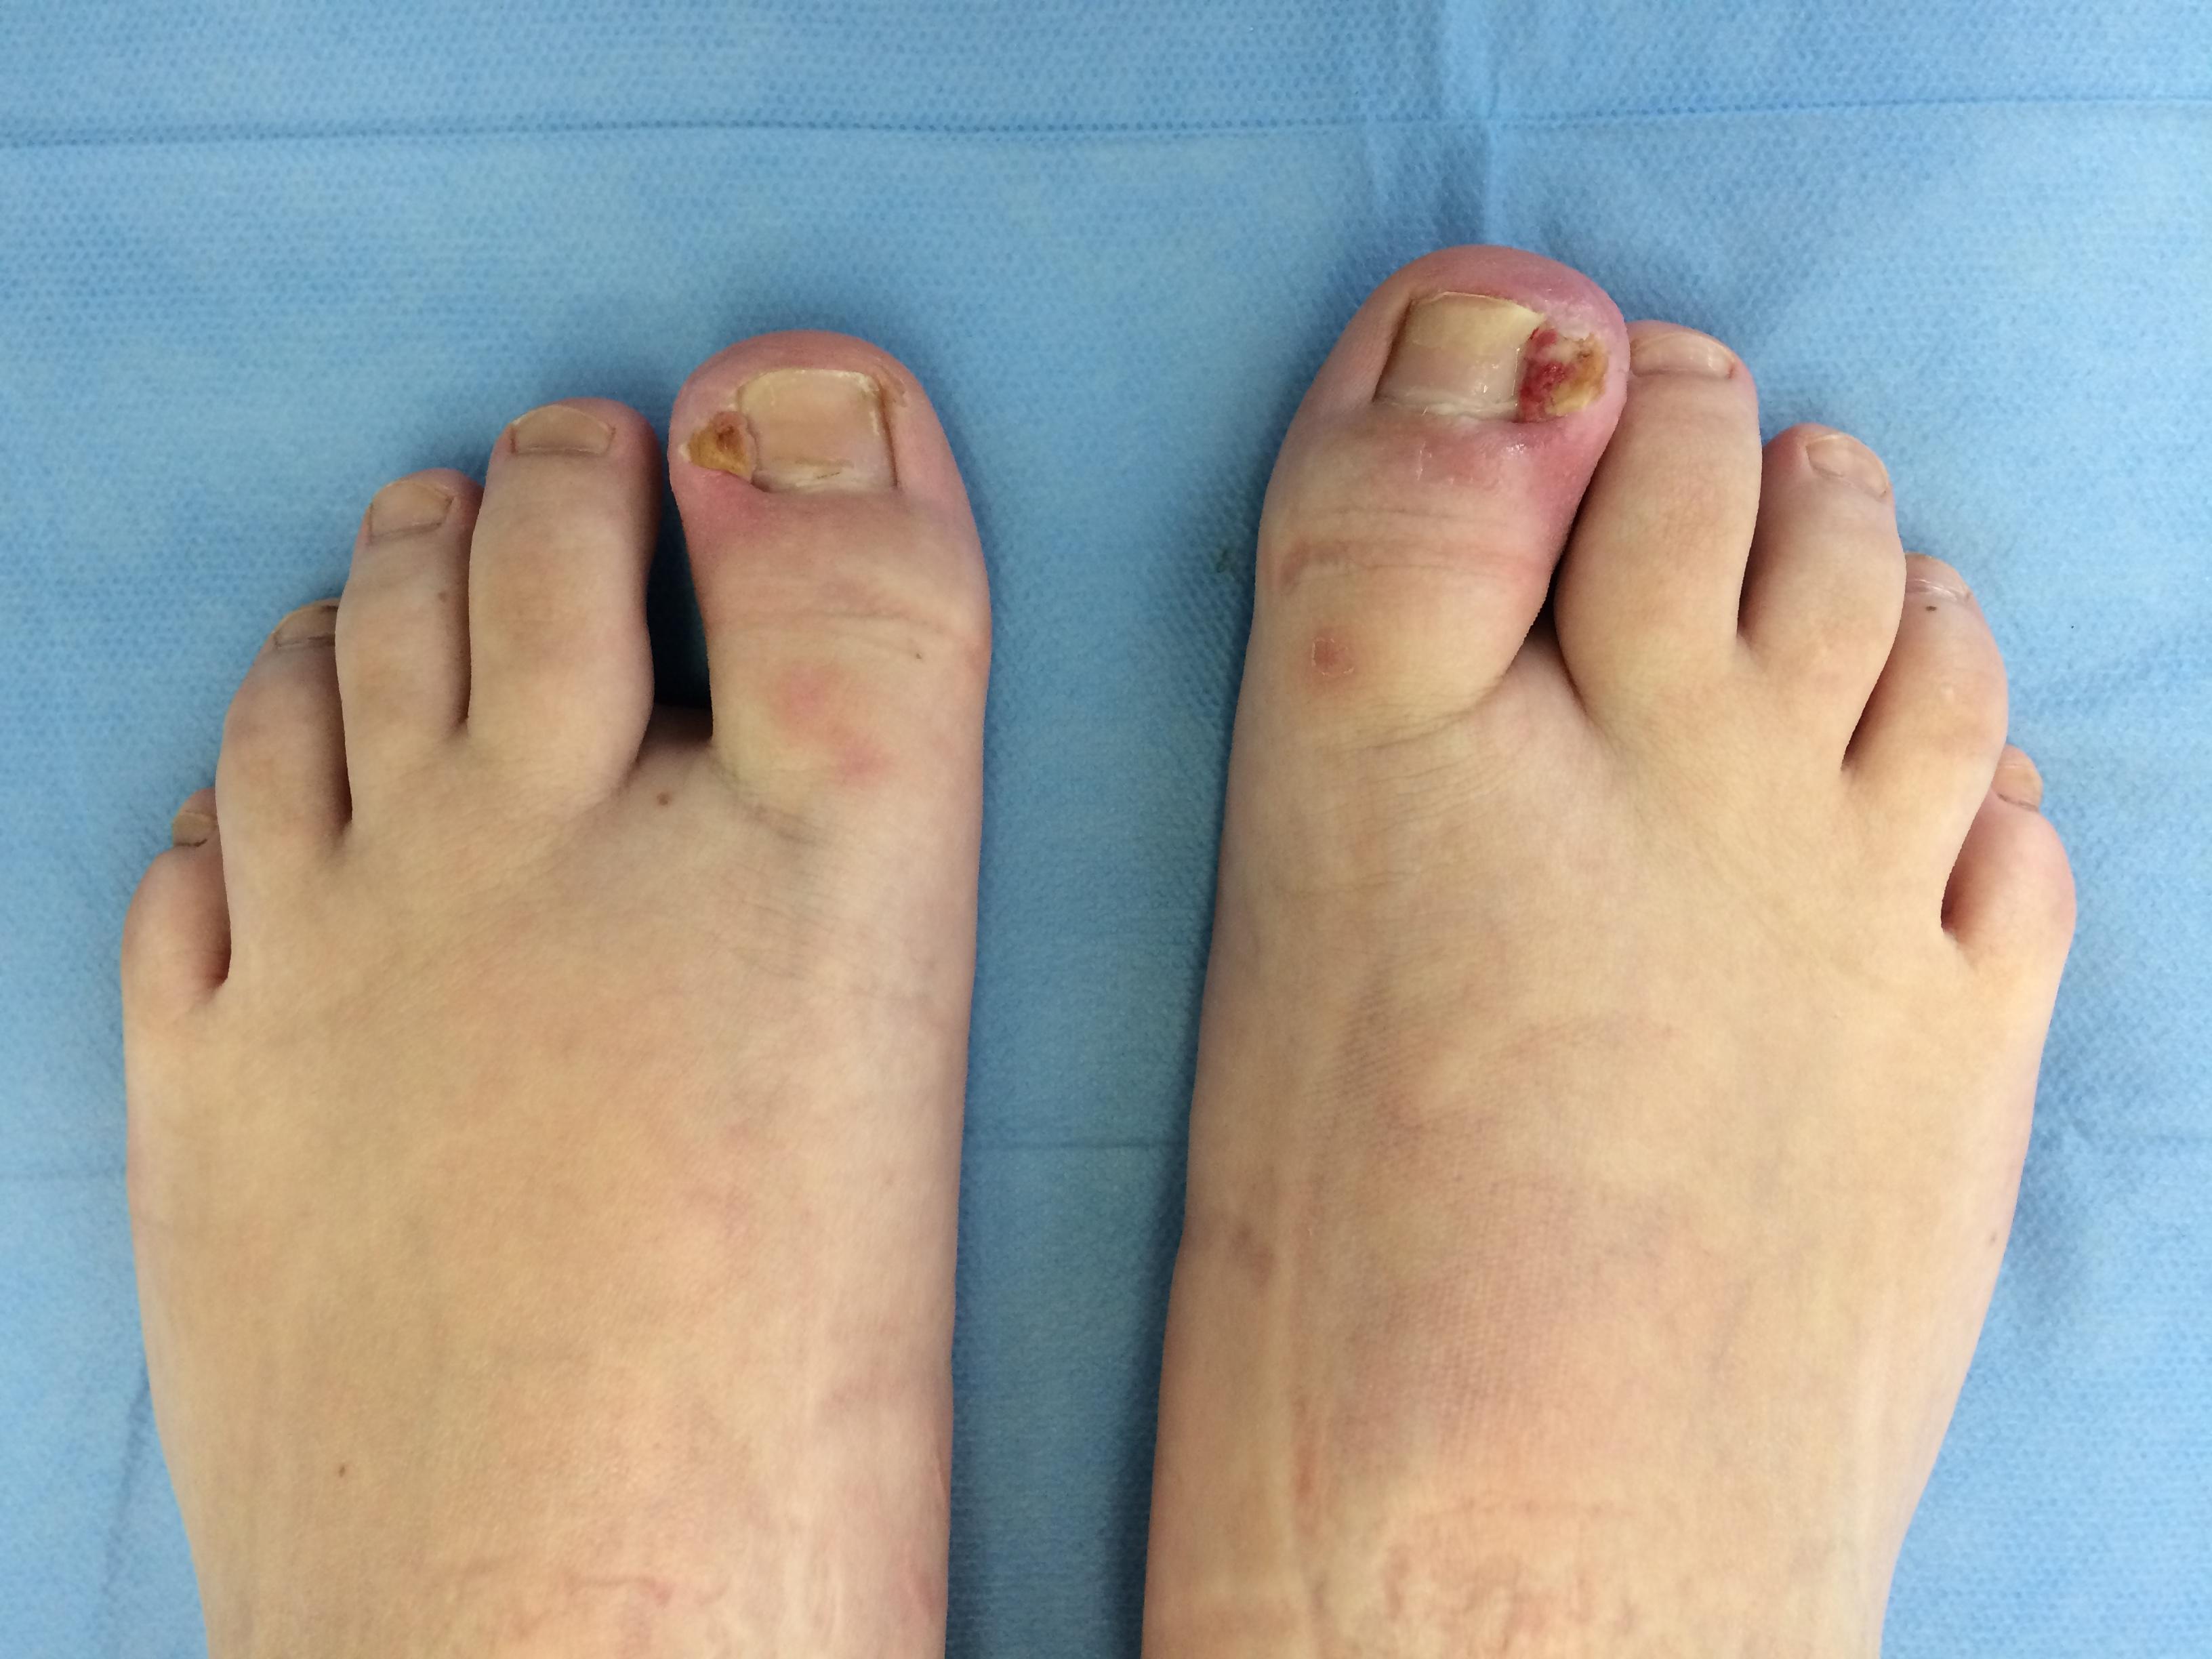 Zarostly Nehet Na Noze Chirurgie Nohy Ic Klinika Brno